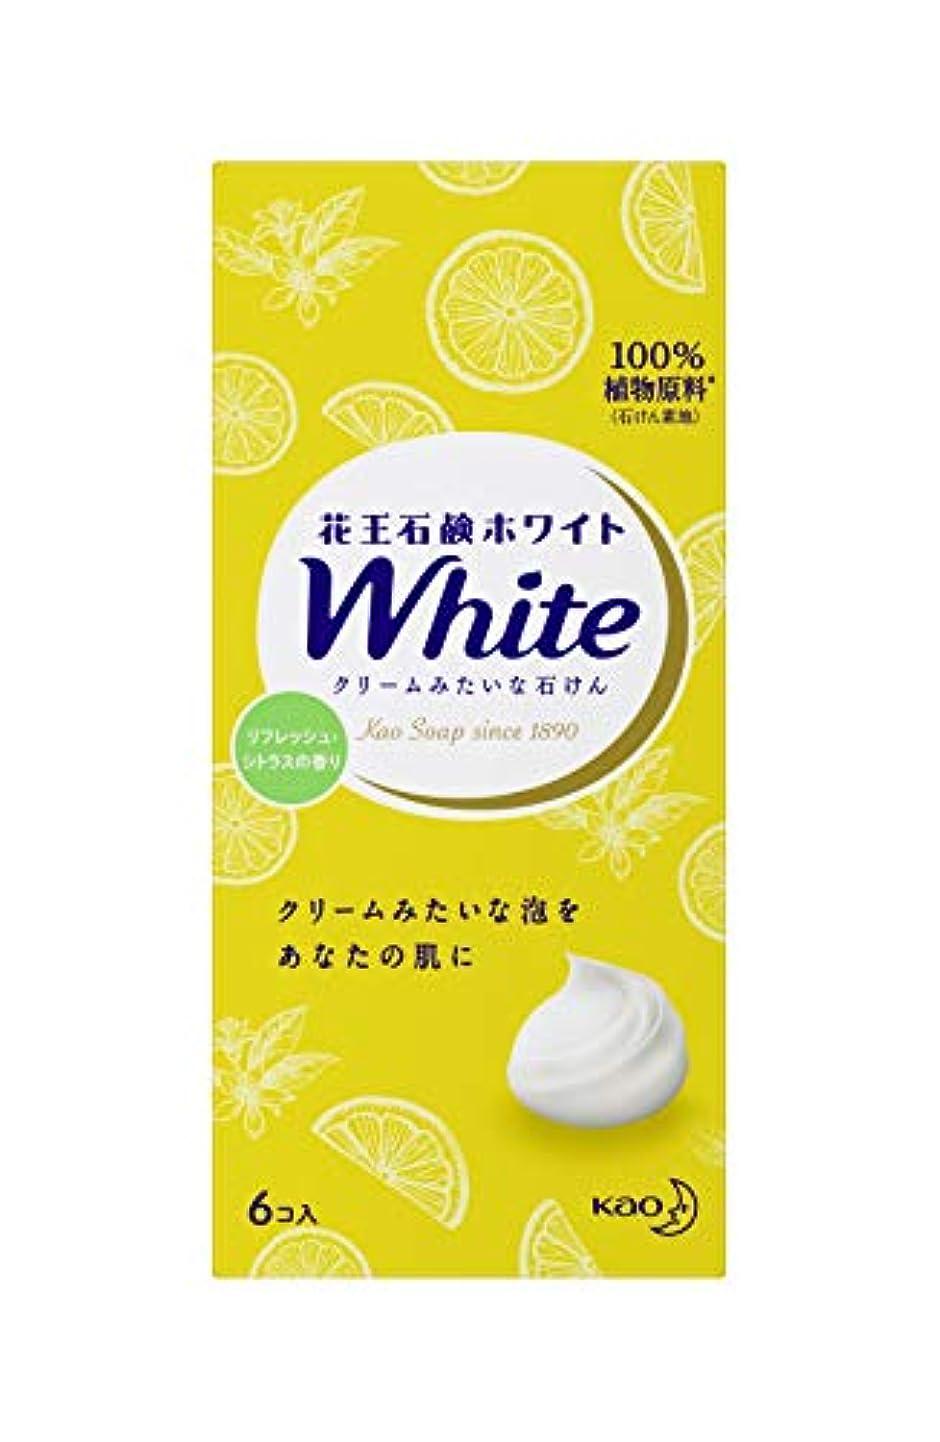 光の銅自信がある花王ホワイト リフレッシュシトラスの香り レギュラーサイズ6コ